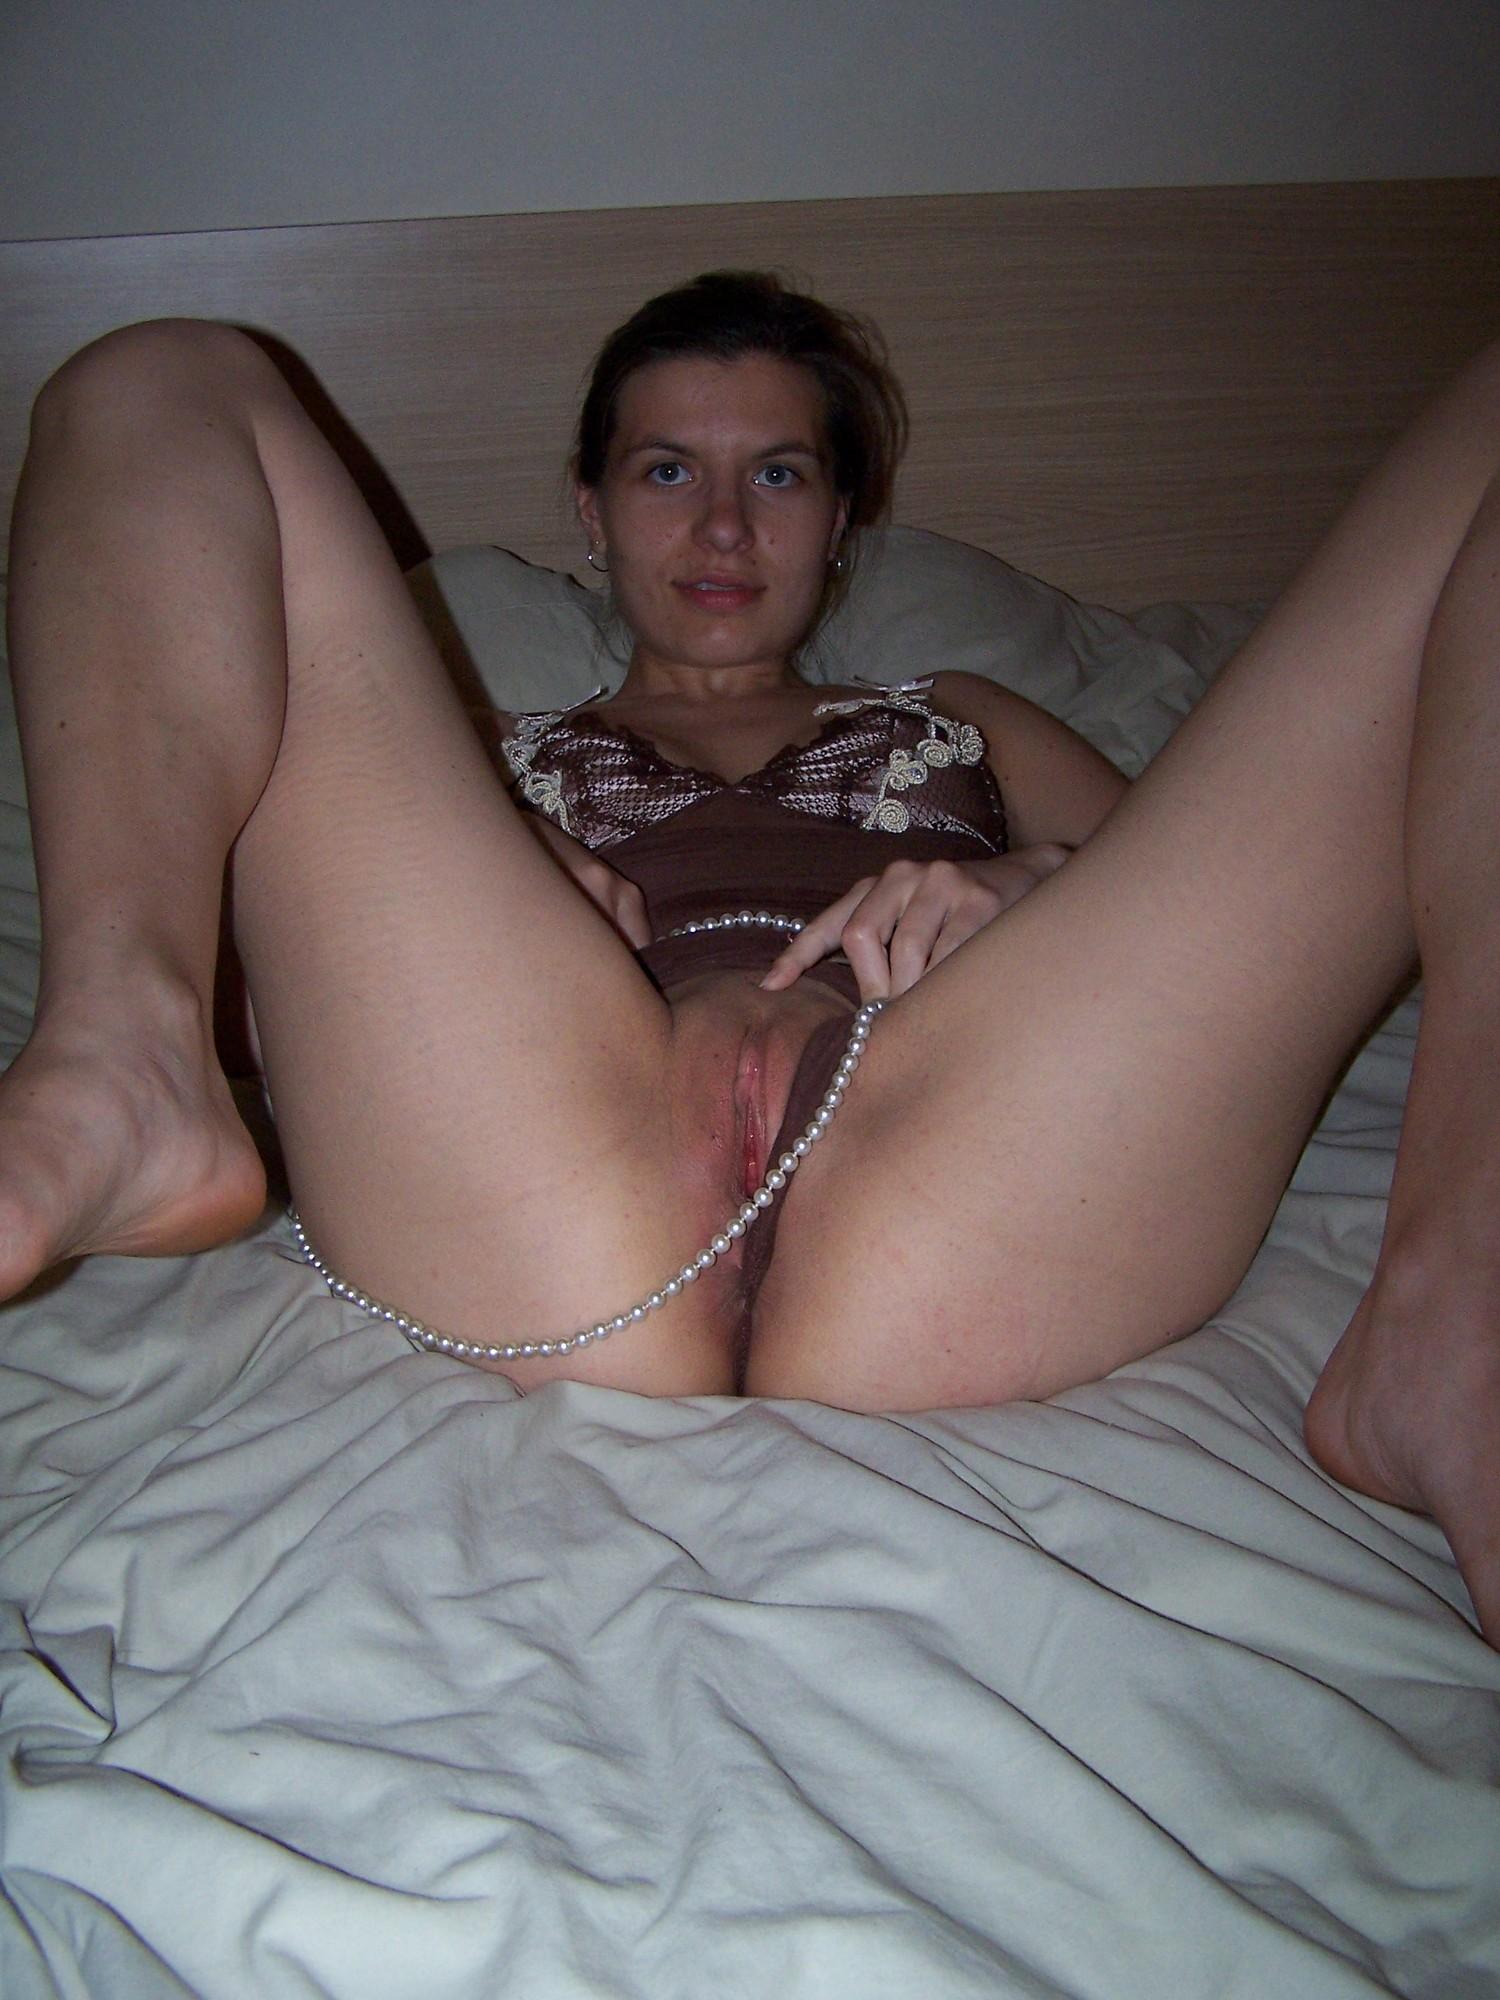 Лежа на лежанке чика обнажает половые губы секс фото